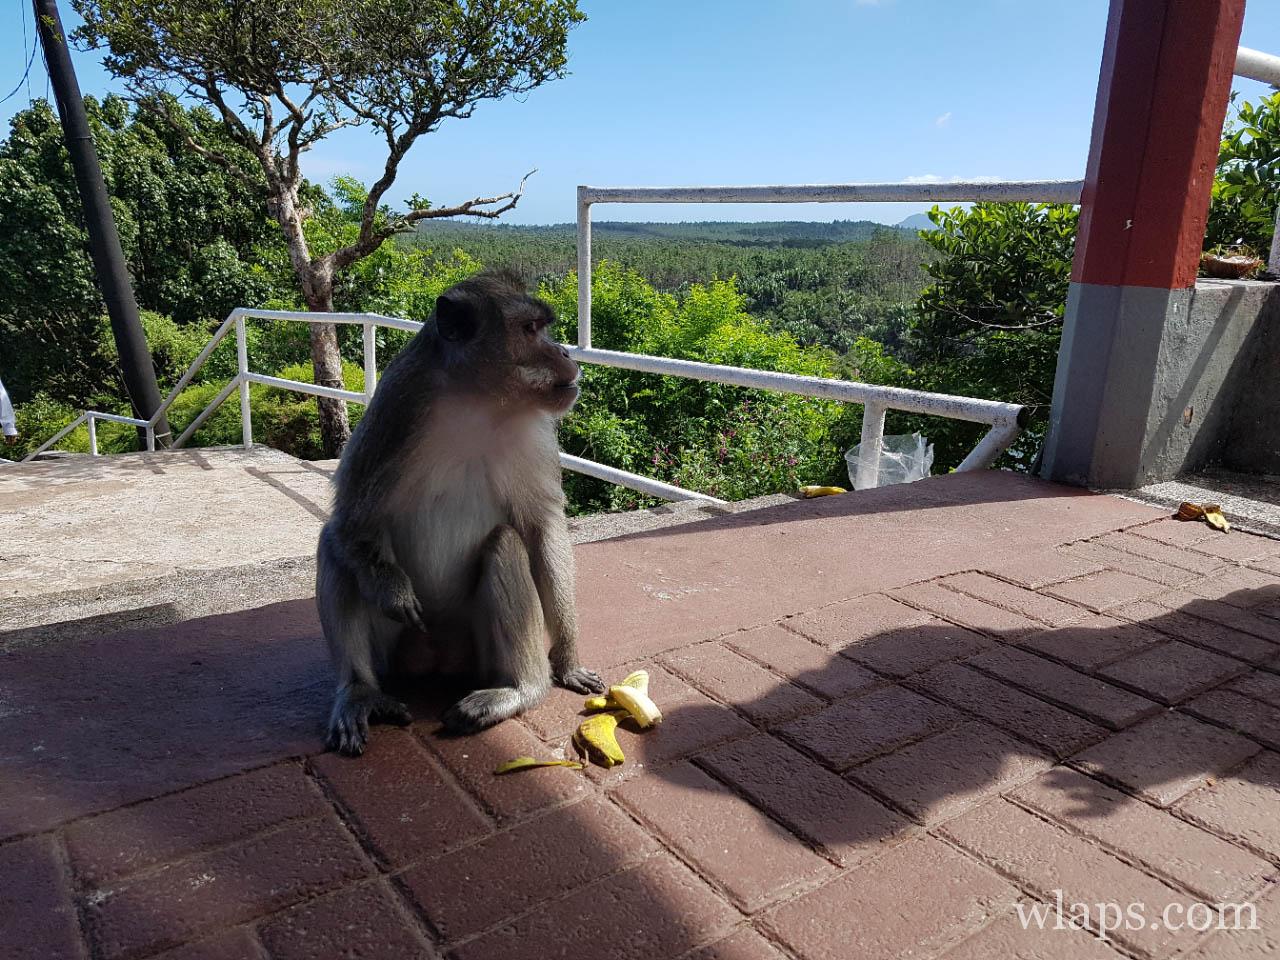 Macaque en train de manger un fruit exotique